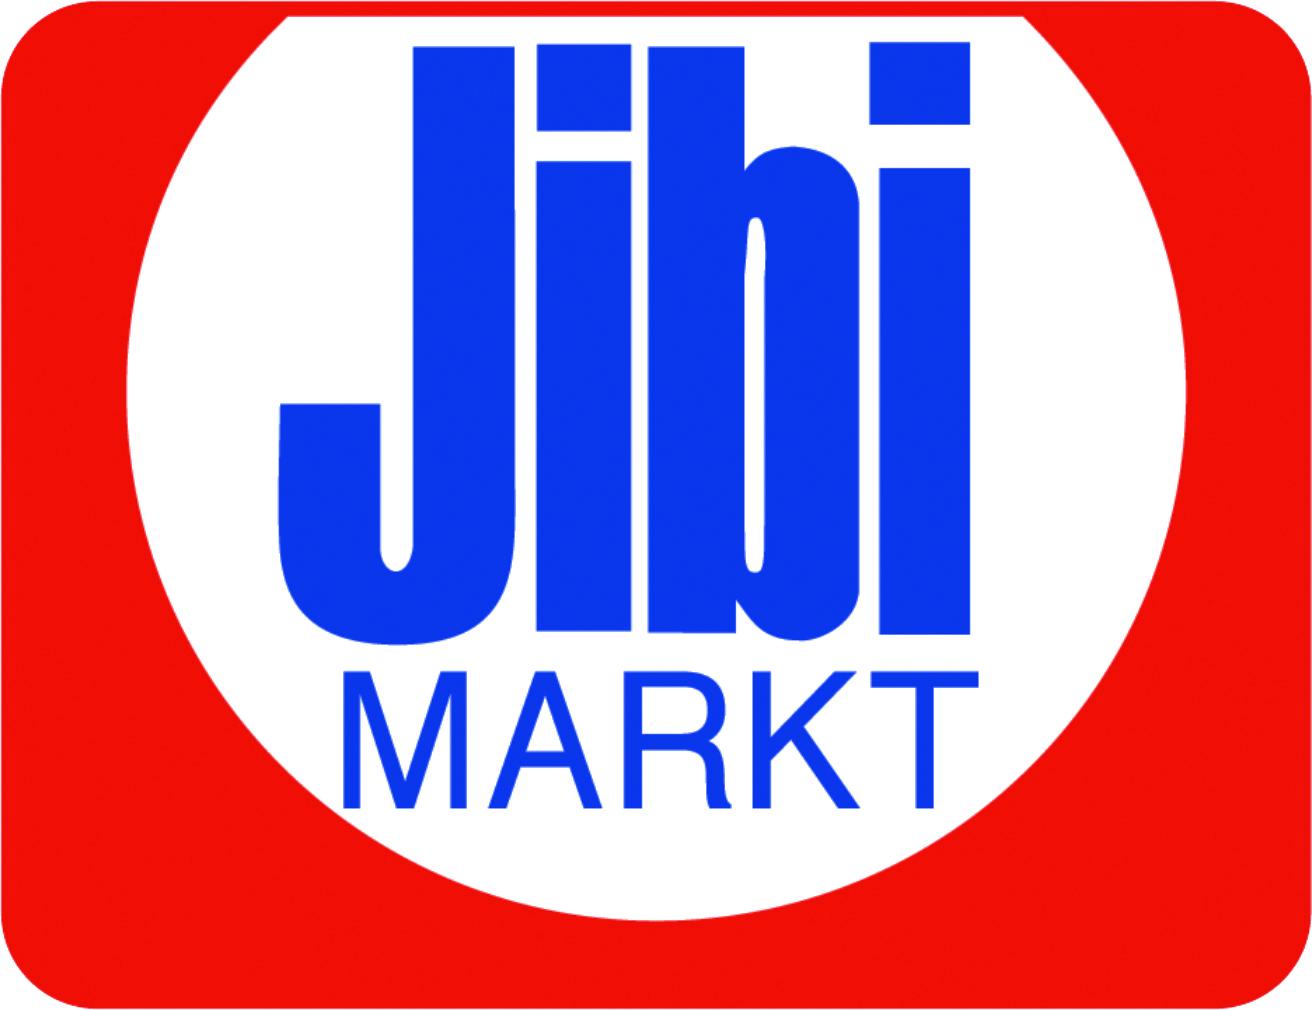 Jibi-Markt Ahlen